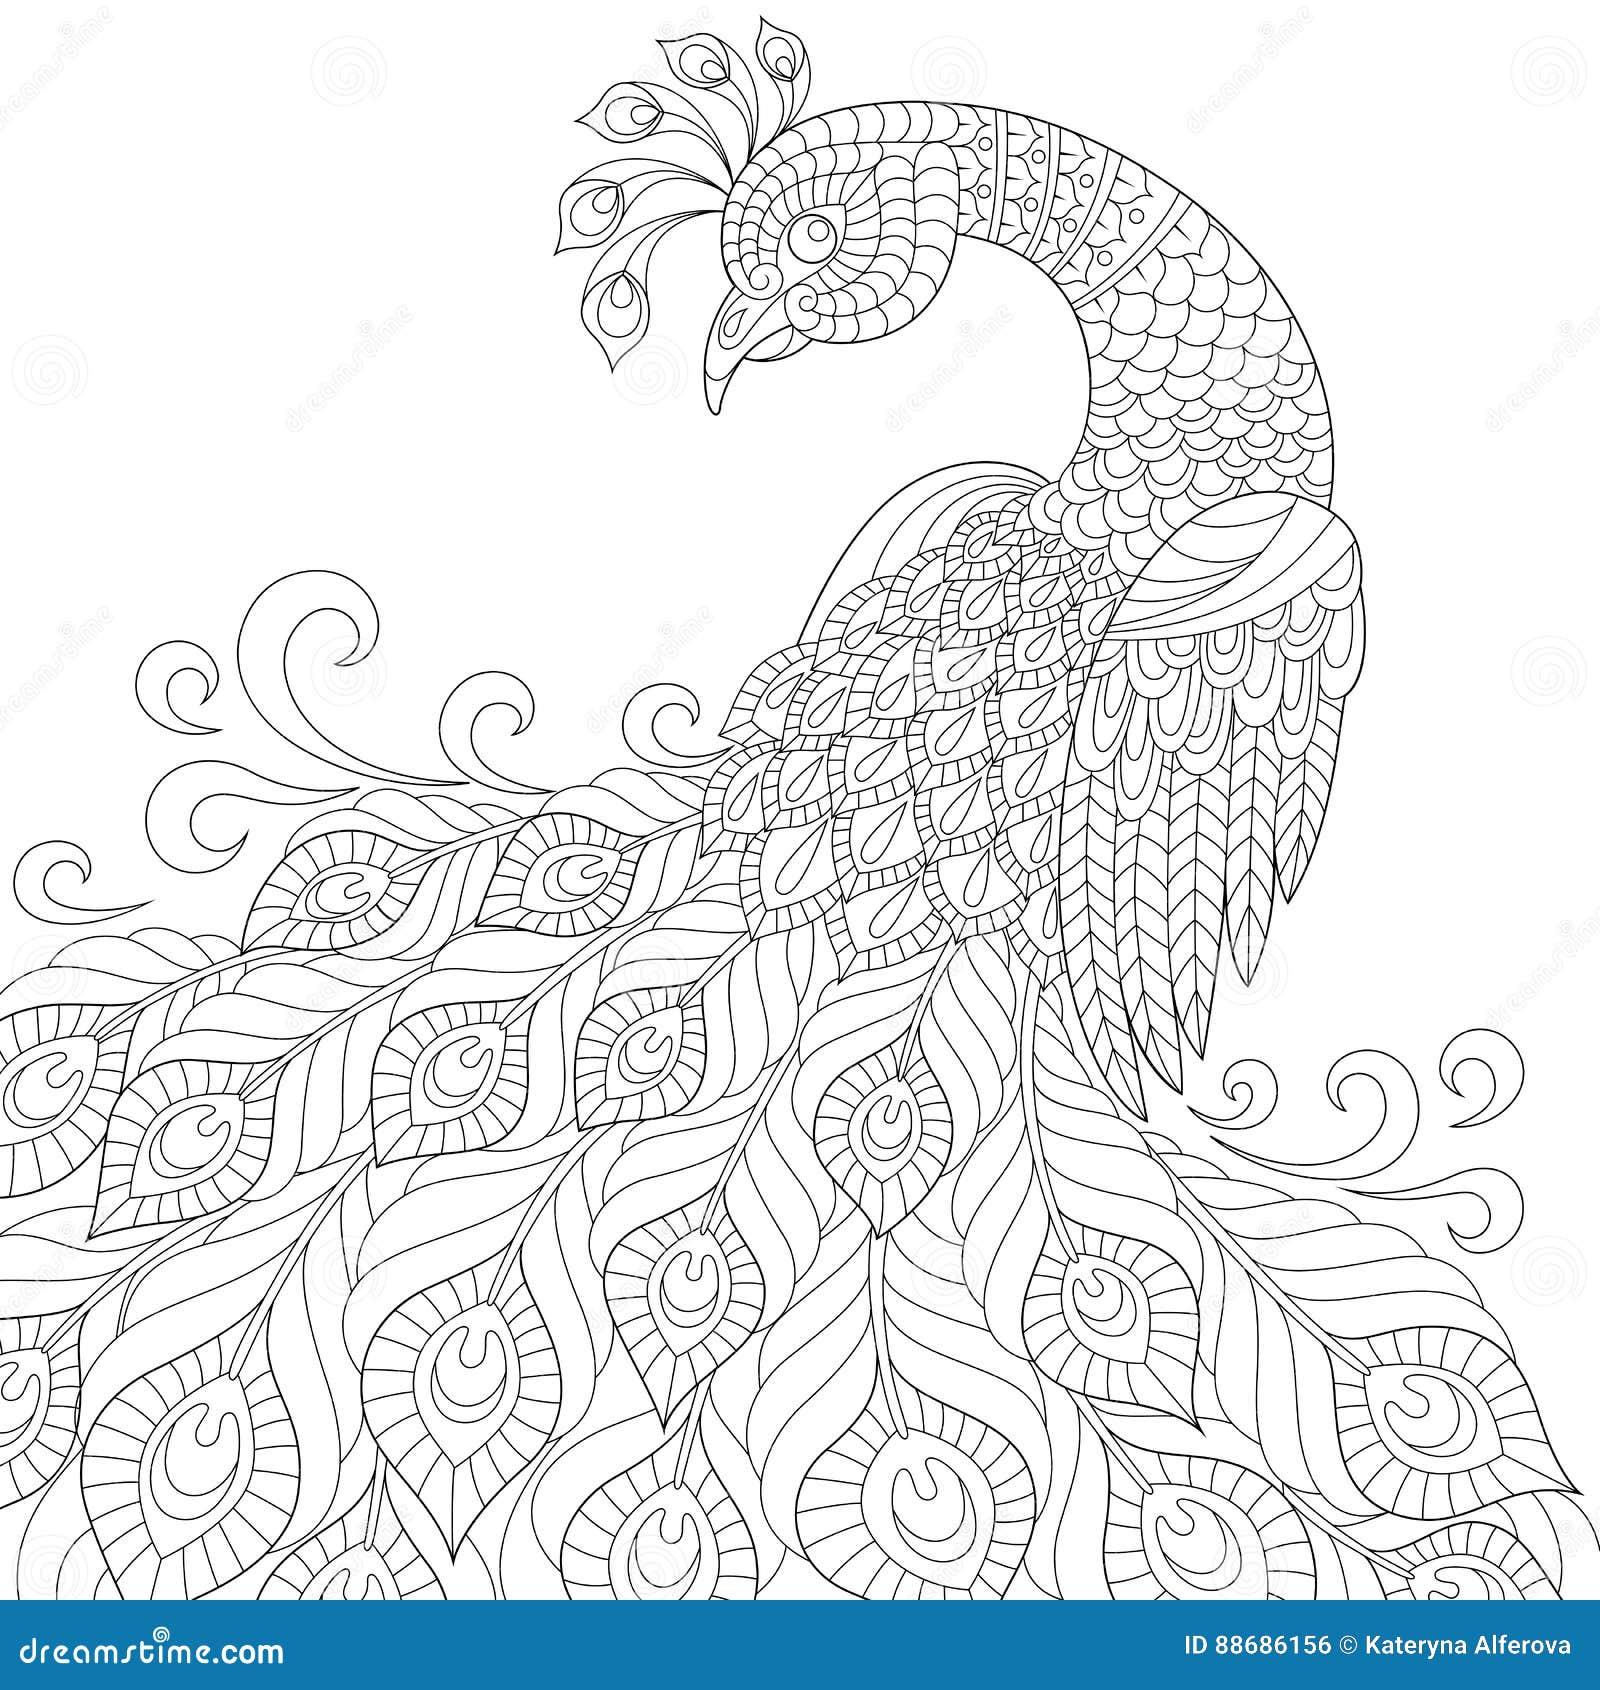 Dekorativnyj Pavlin Vzroslaya Antistress Stranica Rascvetki Illyustraciya Vektora Illyustracii Naschityvayushej Vzroslaya Pavlin 88686156